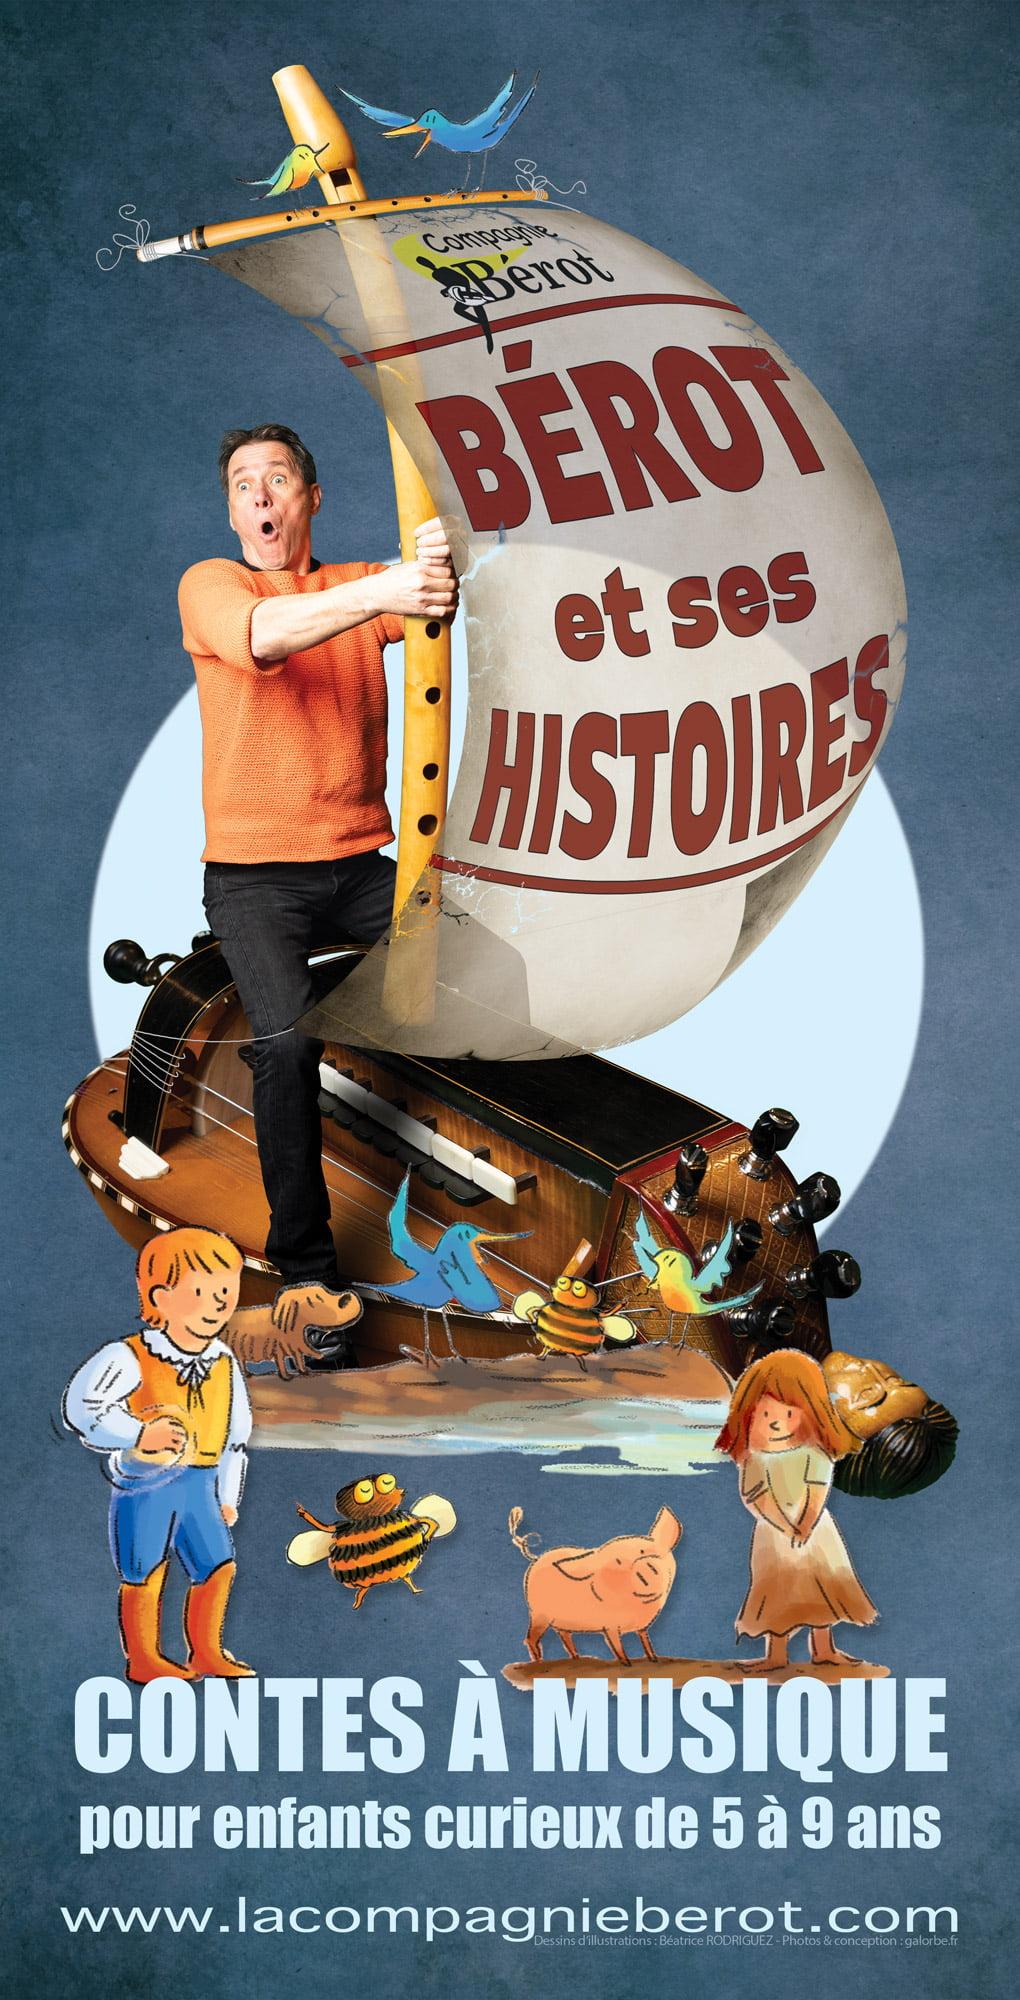 BÉROT ET SES HISTOIRES - Photo & conception Galorbe